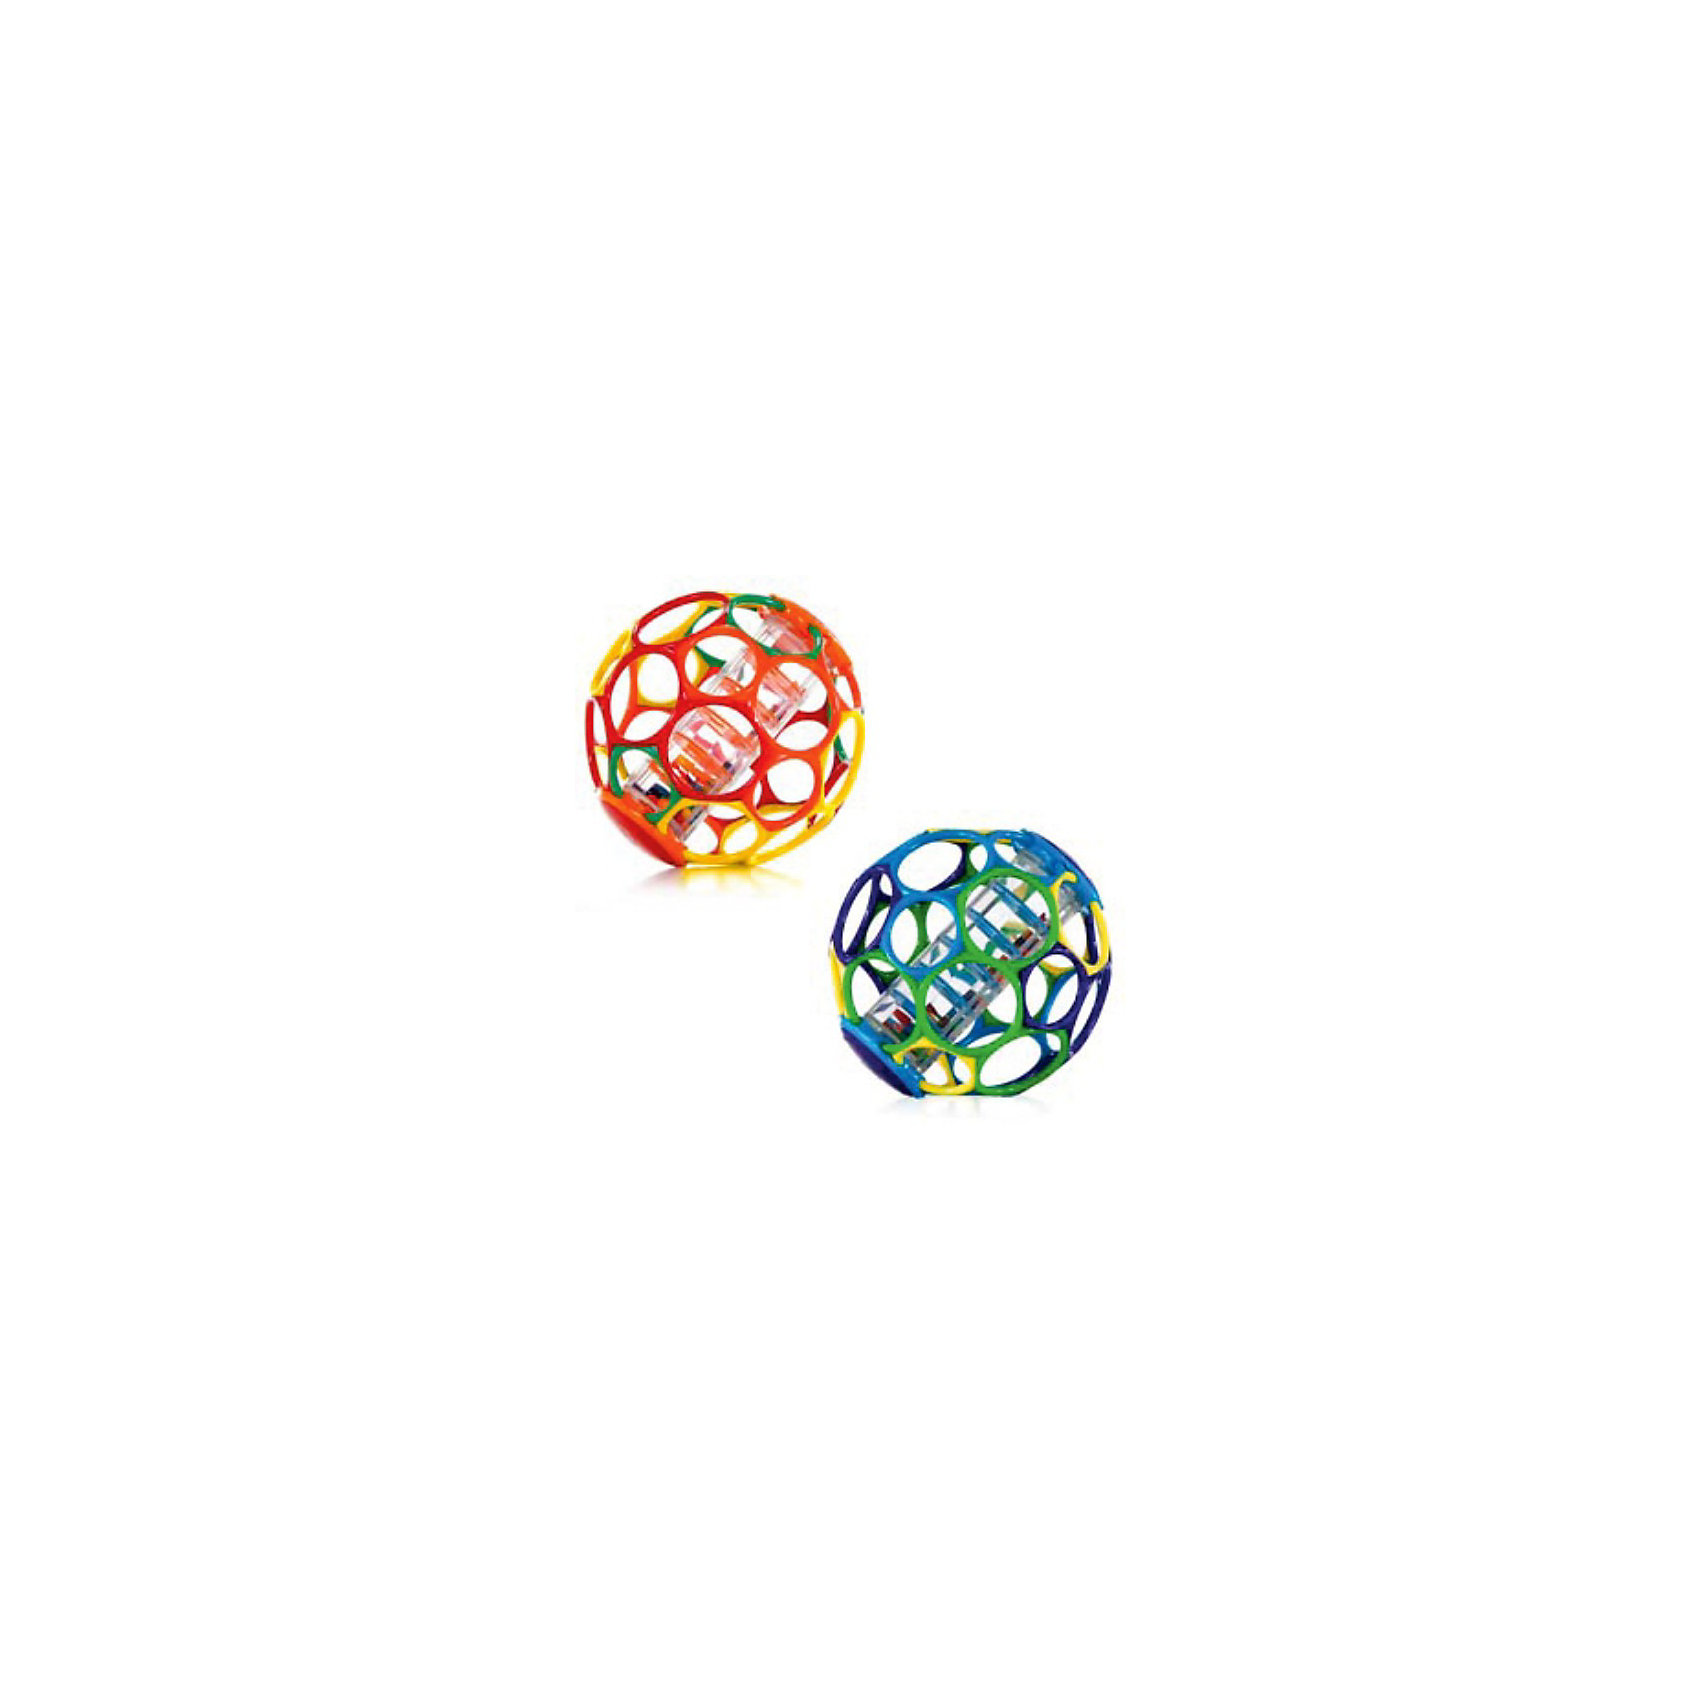 Мячик с погремушкой, OballЭтот яркий гибкий мяч издает забавные звуки, когда малыш его трясет!<br><br>Особенности<br>30 дырочек для детских пальчиков – удобно держать даже малышу<br>Мягкий гибкий пластик приятен на ощупь, не поранит ребенка<br>Палочка с бусинами издает забавные звуки, когда малыш трясет мячик<br>Развивает мелкую моторику, зрение и слух<br>Подходит для  детей всех возрастов<br><br><br>Дополнительные характеристики<br> В ассортименте 2 цвета<br> Не содержит вредных веществ<br> Можно мыть в посудомоечной машине<br>Диаметр мячика: 15 см<br><br>Ширина мм: 152<br>Глубина мм: 152<br>Высота мм: 152<br>Вес г: 405<br>Возраст от месяцев: 0<br>Возраст до месяцев: 24<br>Пол: Унисекс<br>Возраст: Детский<br>SKU: 3400195